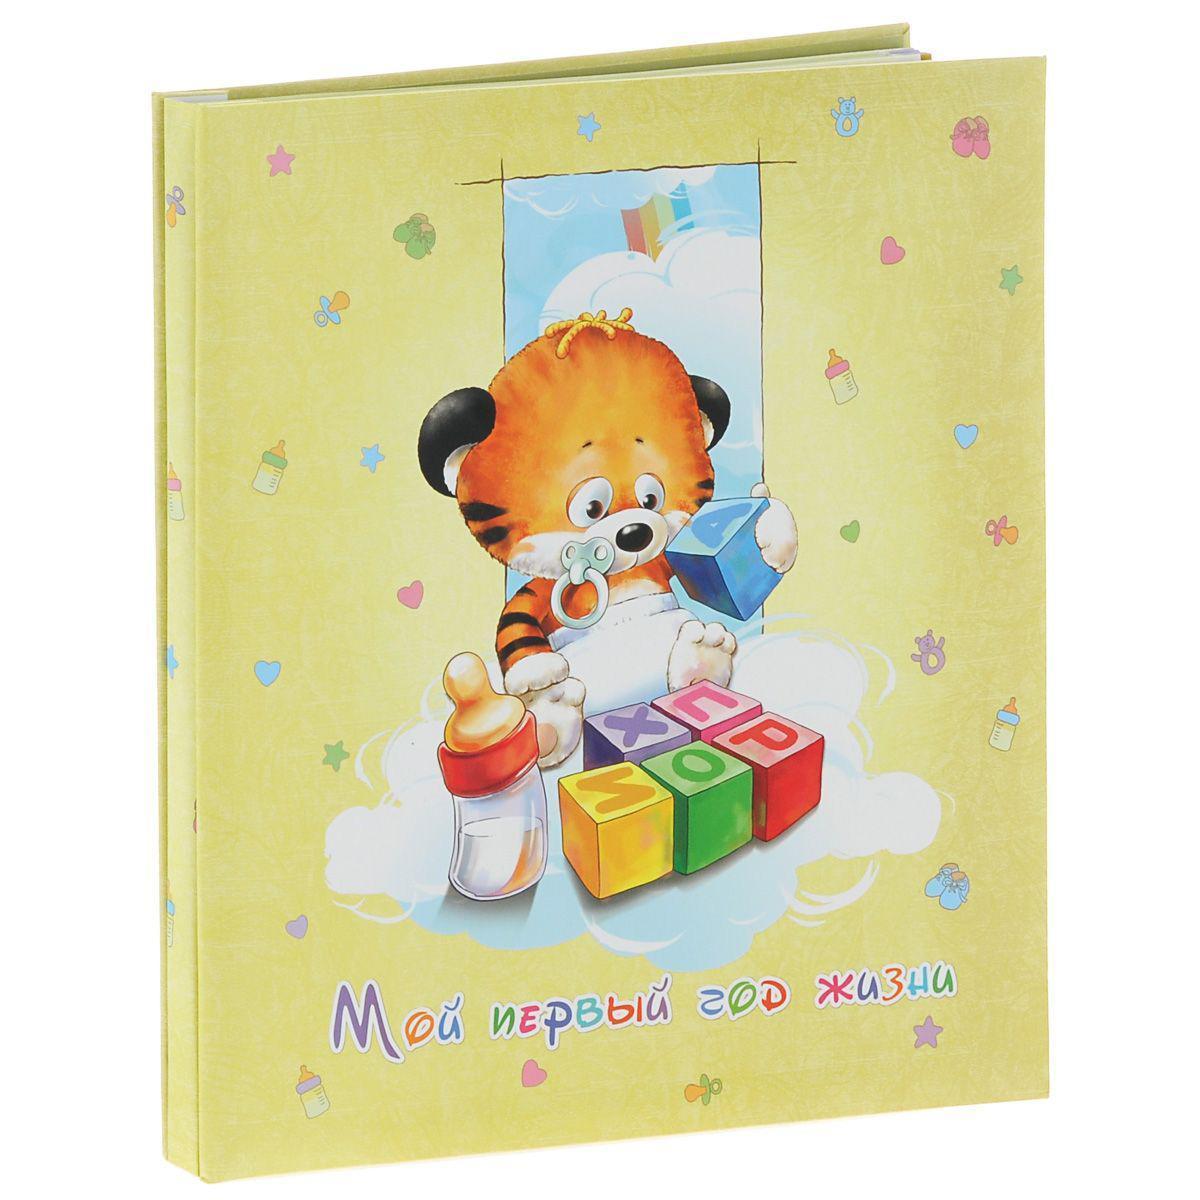 Мальчик с открытки альбом, вышивка открытка